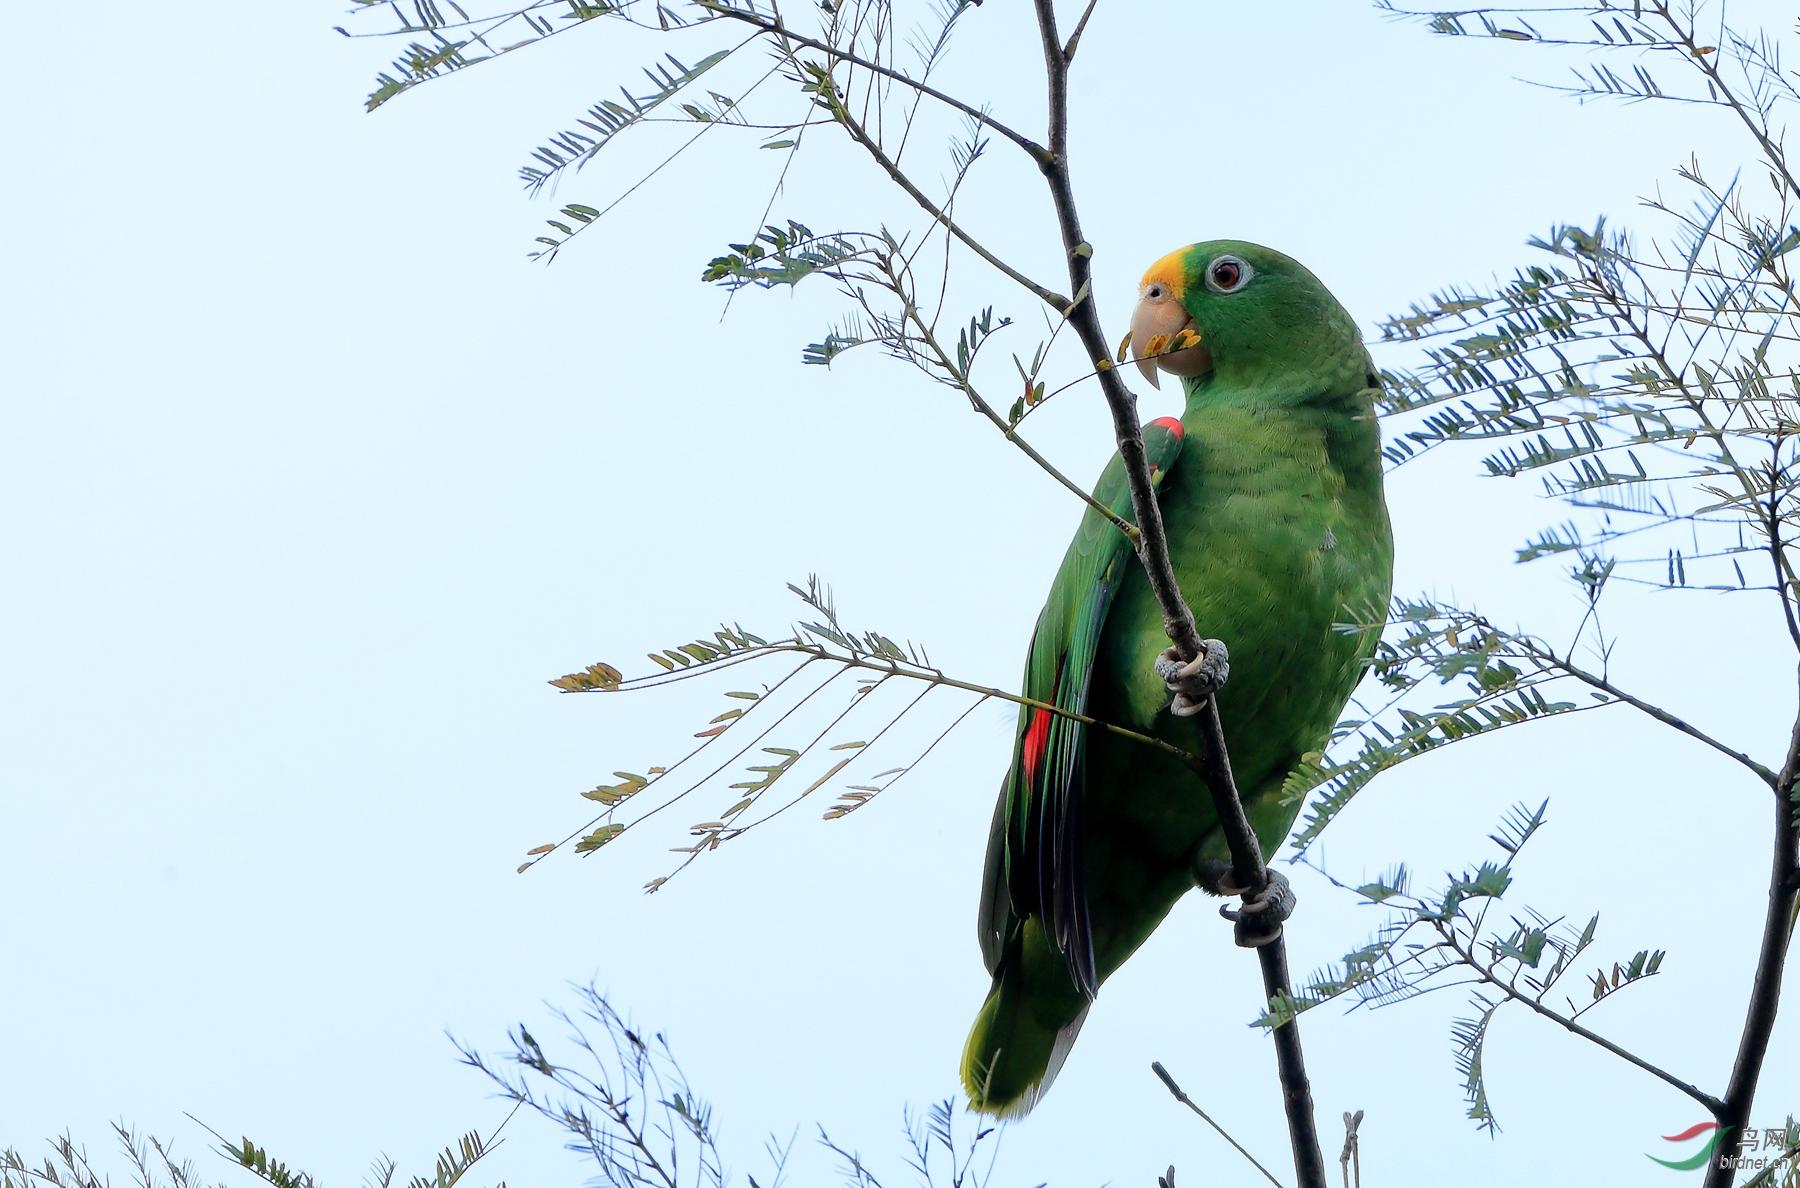 黄冠鹦哥Yellow-crowned Parrot